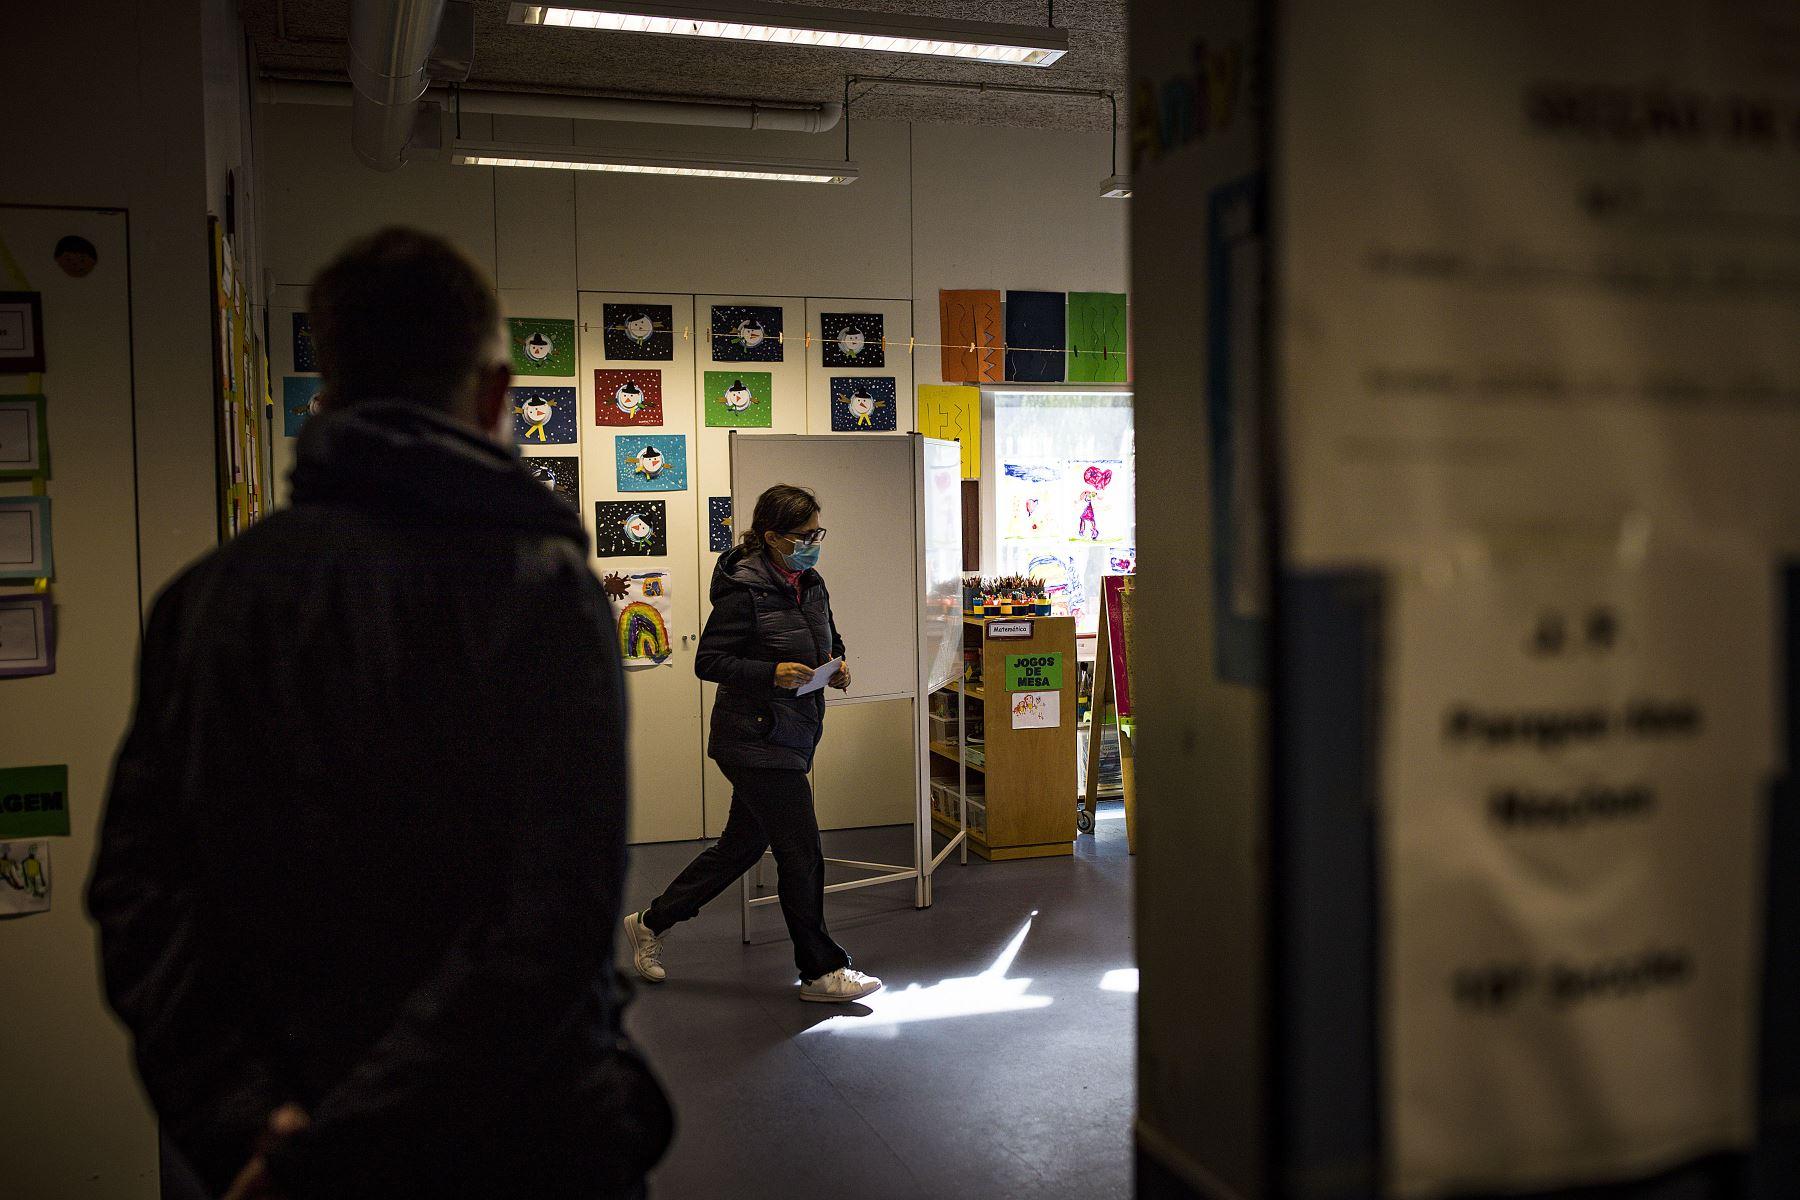 Una votante camina para emitir su voto para las elecciones presidenciales portuguesas en una escuela que se utiliza como centro de votación en el Parque das Nacoes en Lisboa, Portugal está votando a pesar del bloqueo pandémico del país.  Foto: AFP